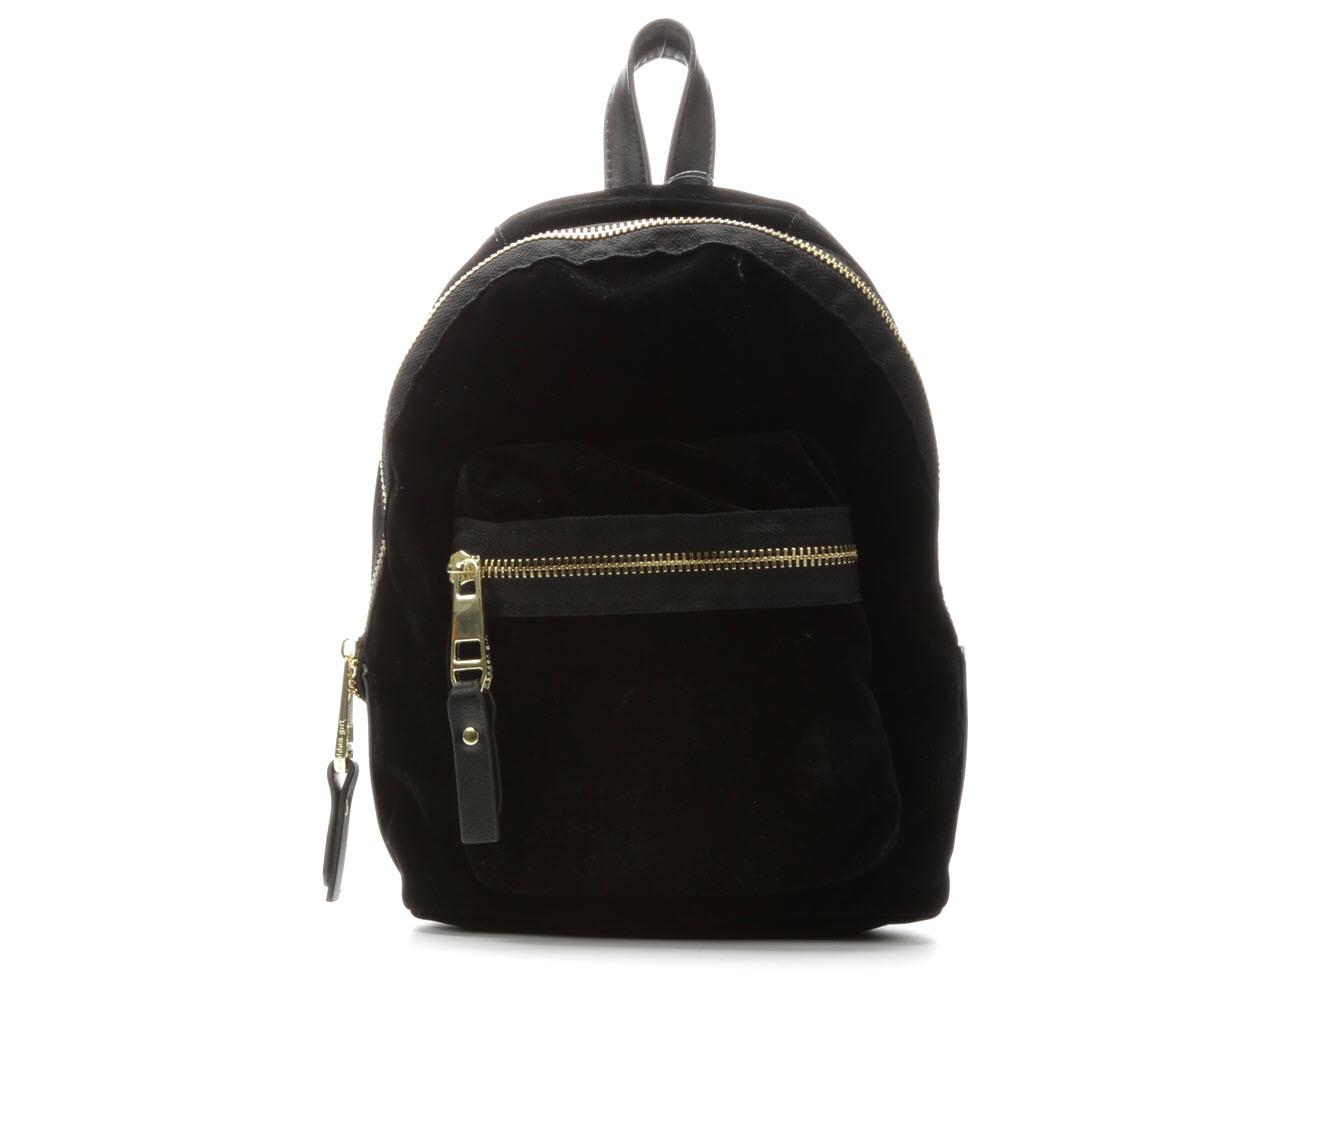 Madden Girl Handbags Blink Backpack (Black)